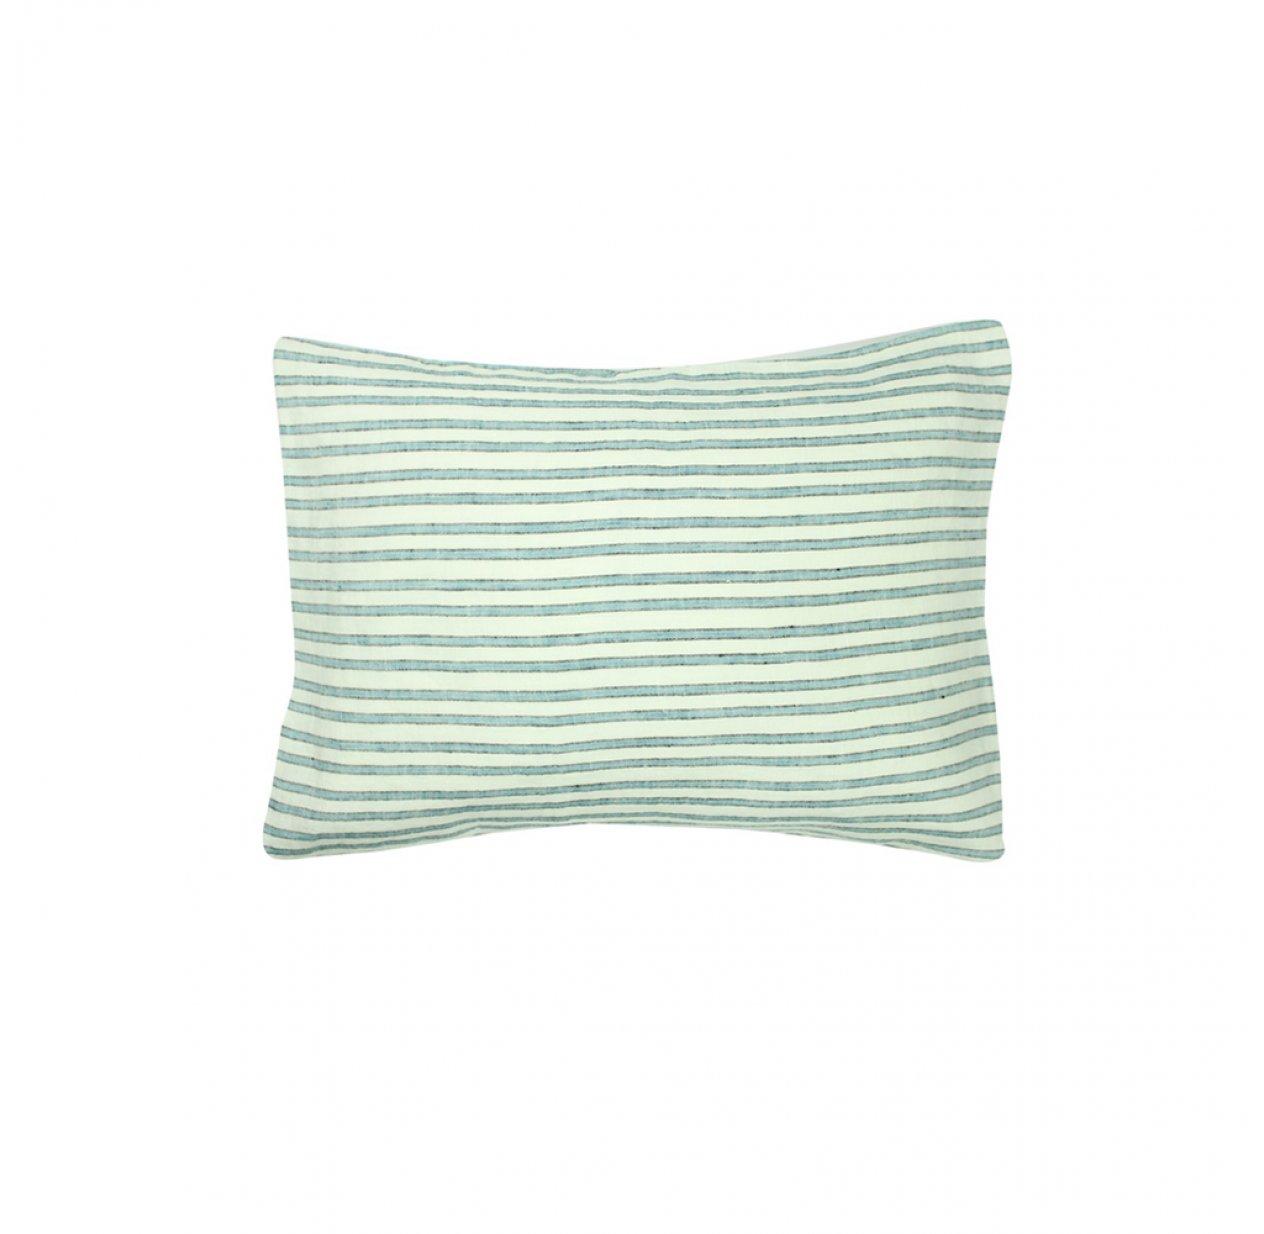 taie d 39 oreiller b b lin rayures tricolores lab pour chambre enfant les enfants du design. Black Bedroom Furniture Sets. Home Design Ideas